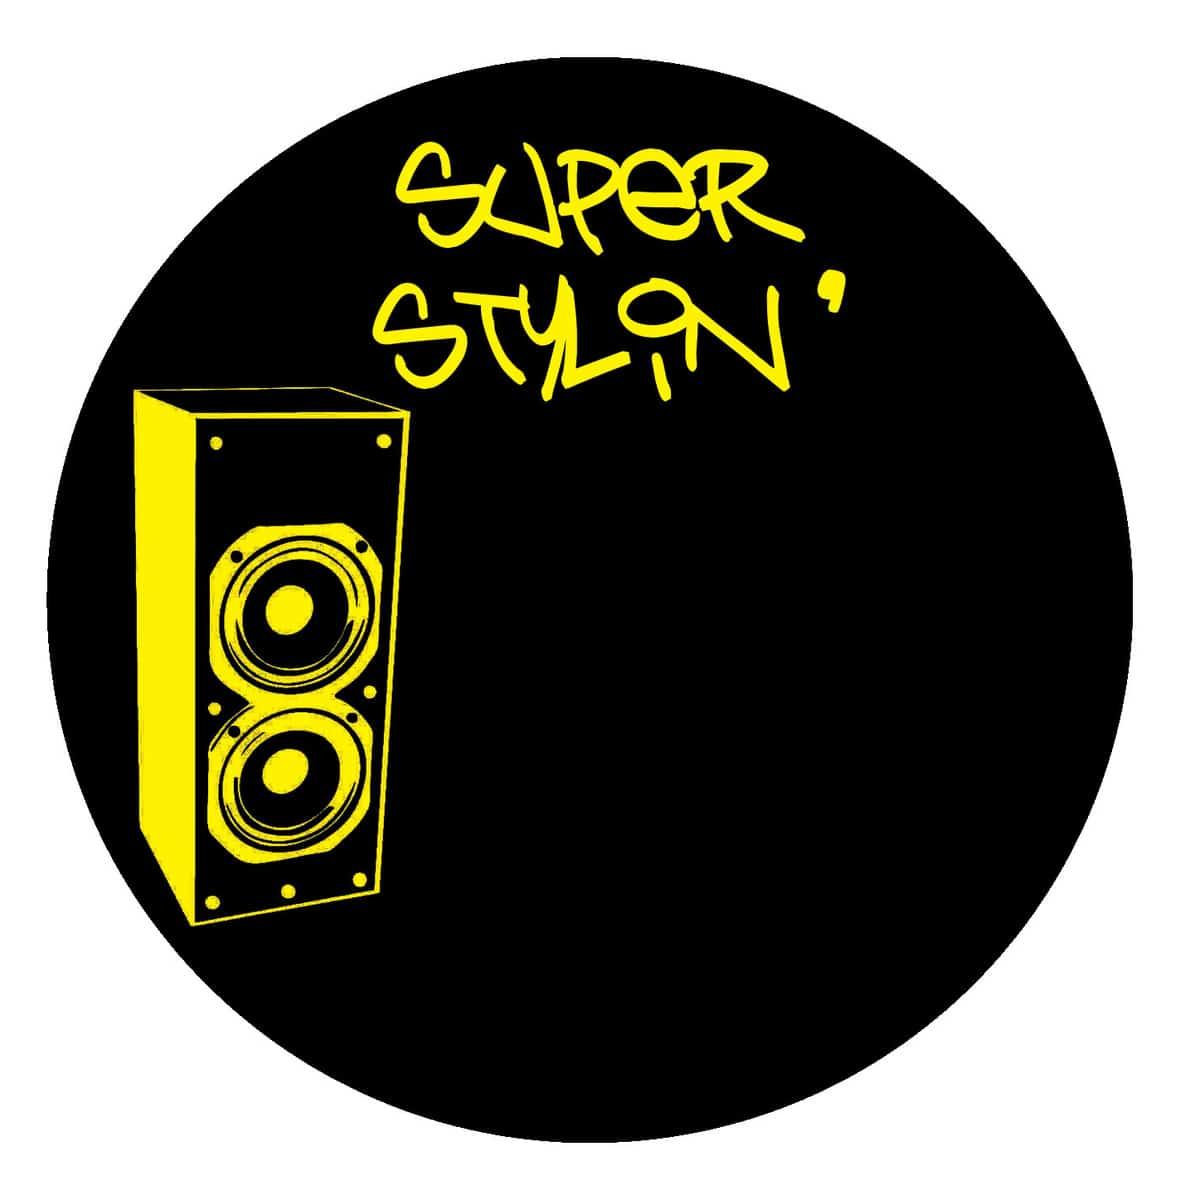 SUPERSTYLIN001